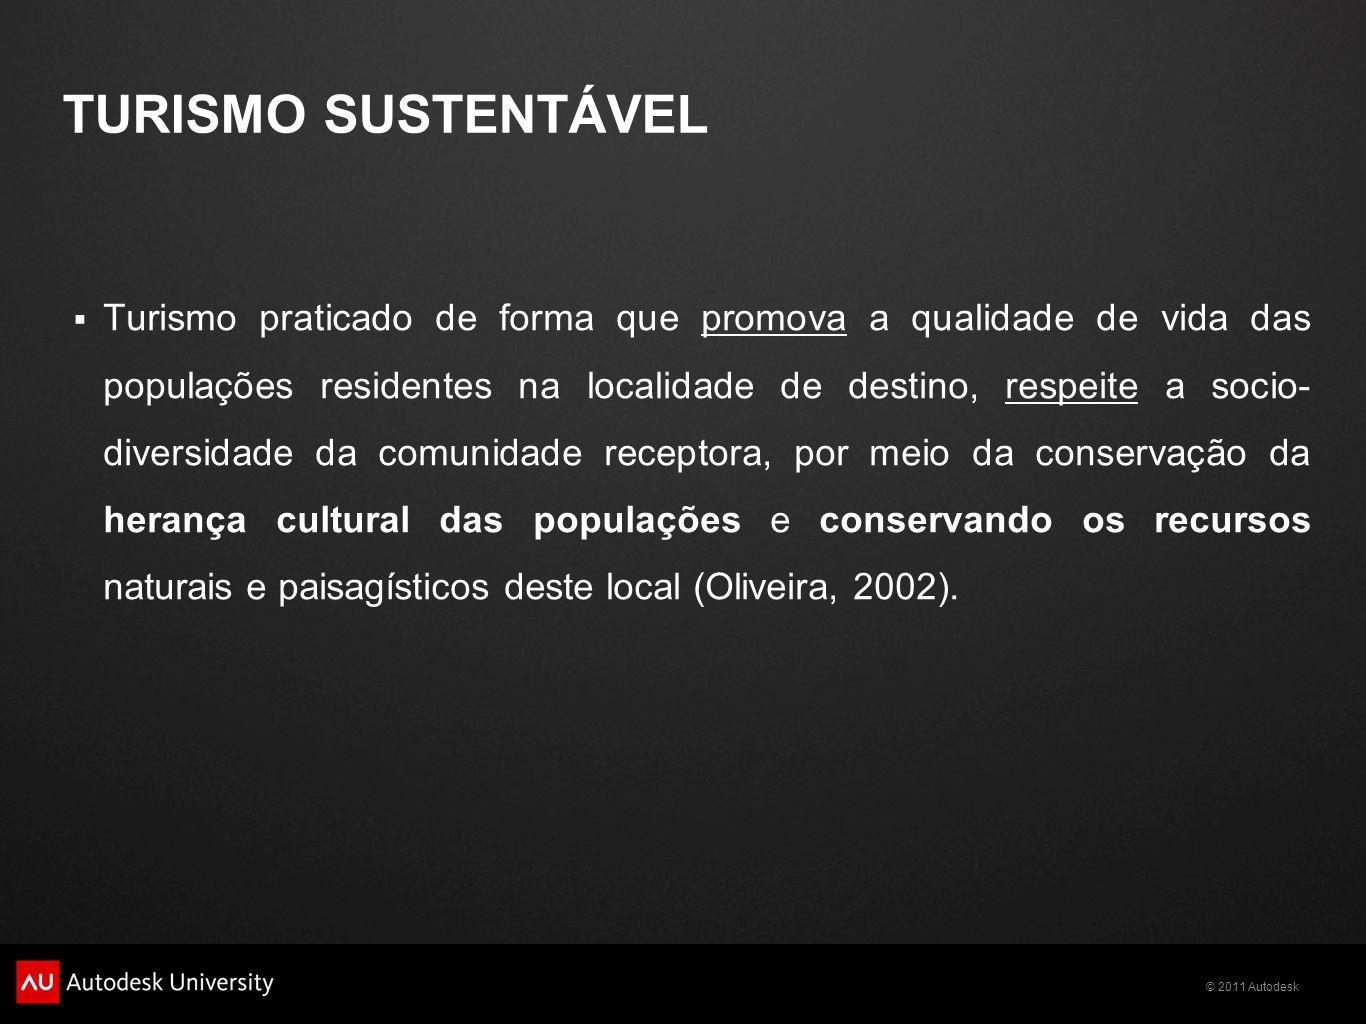 © 2011 Autodesk TURISMO SUSTENTÁVEL  Turismo praticado de forma que promova a qualidade de vida das populações residentes na localidade de destino, respeite a socio- diversidade da comunidade receptora, por meio da conservação da herança cultural das populações e conservando os recursos naturais e paisagísticos deste local (Oliveira, 2002).